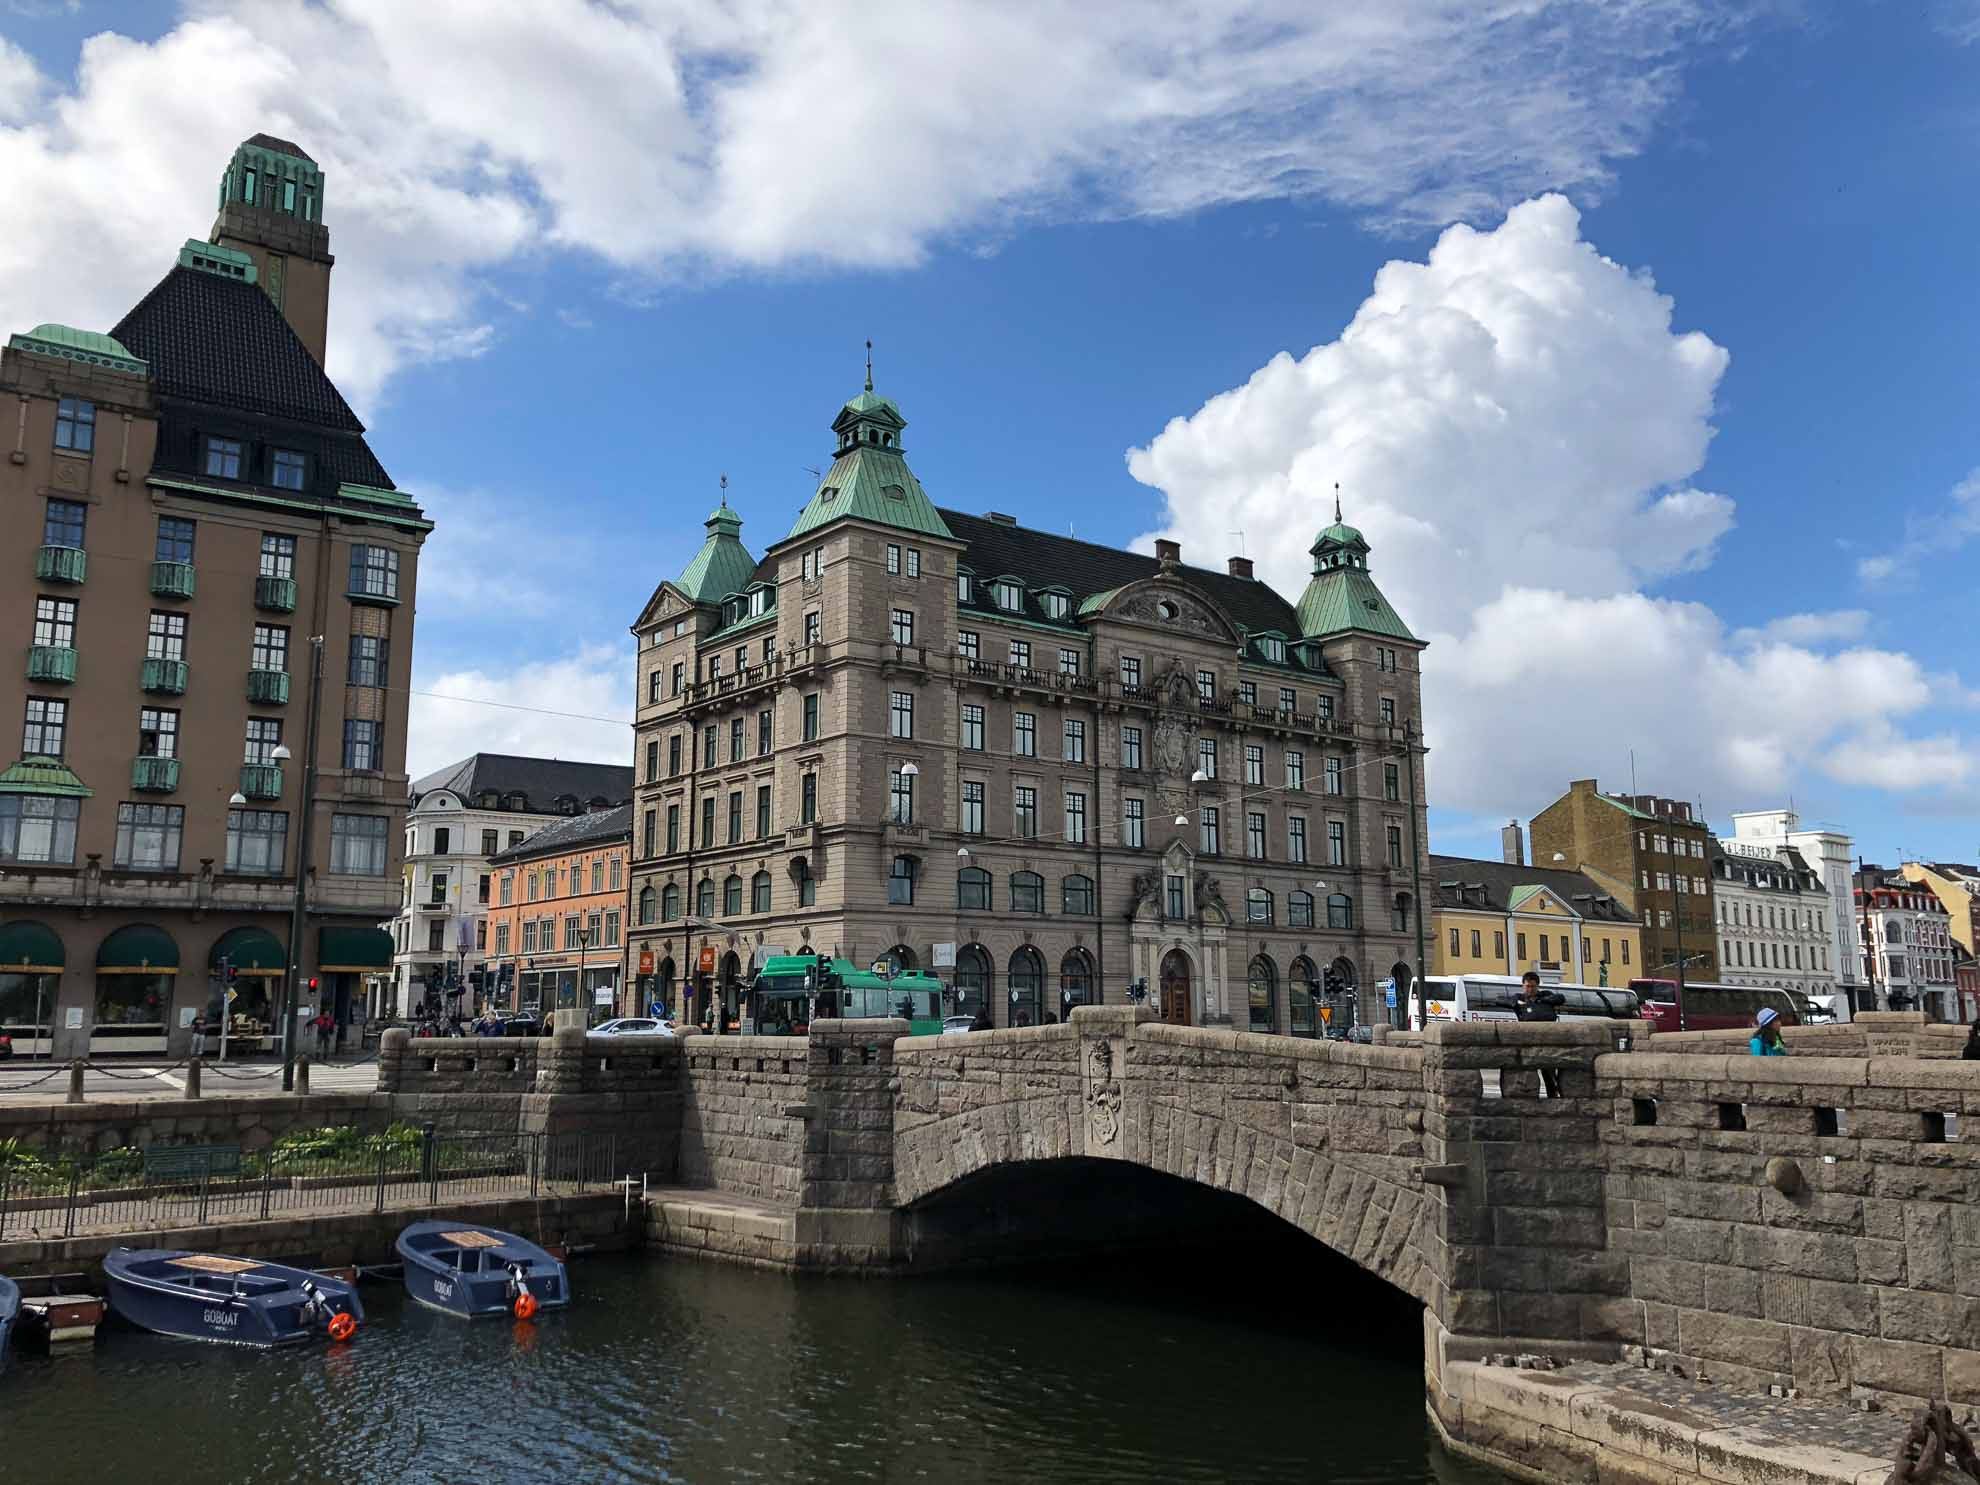 Unsere Reise mit dem Mietwagen durch Schweden beginnt heute